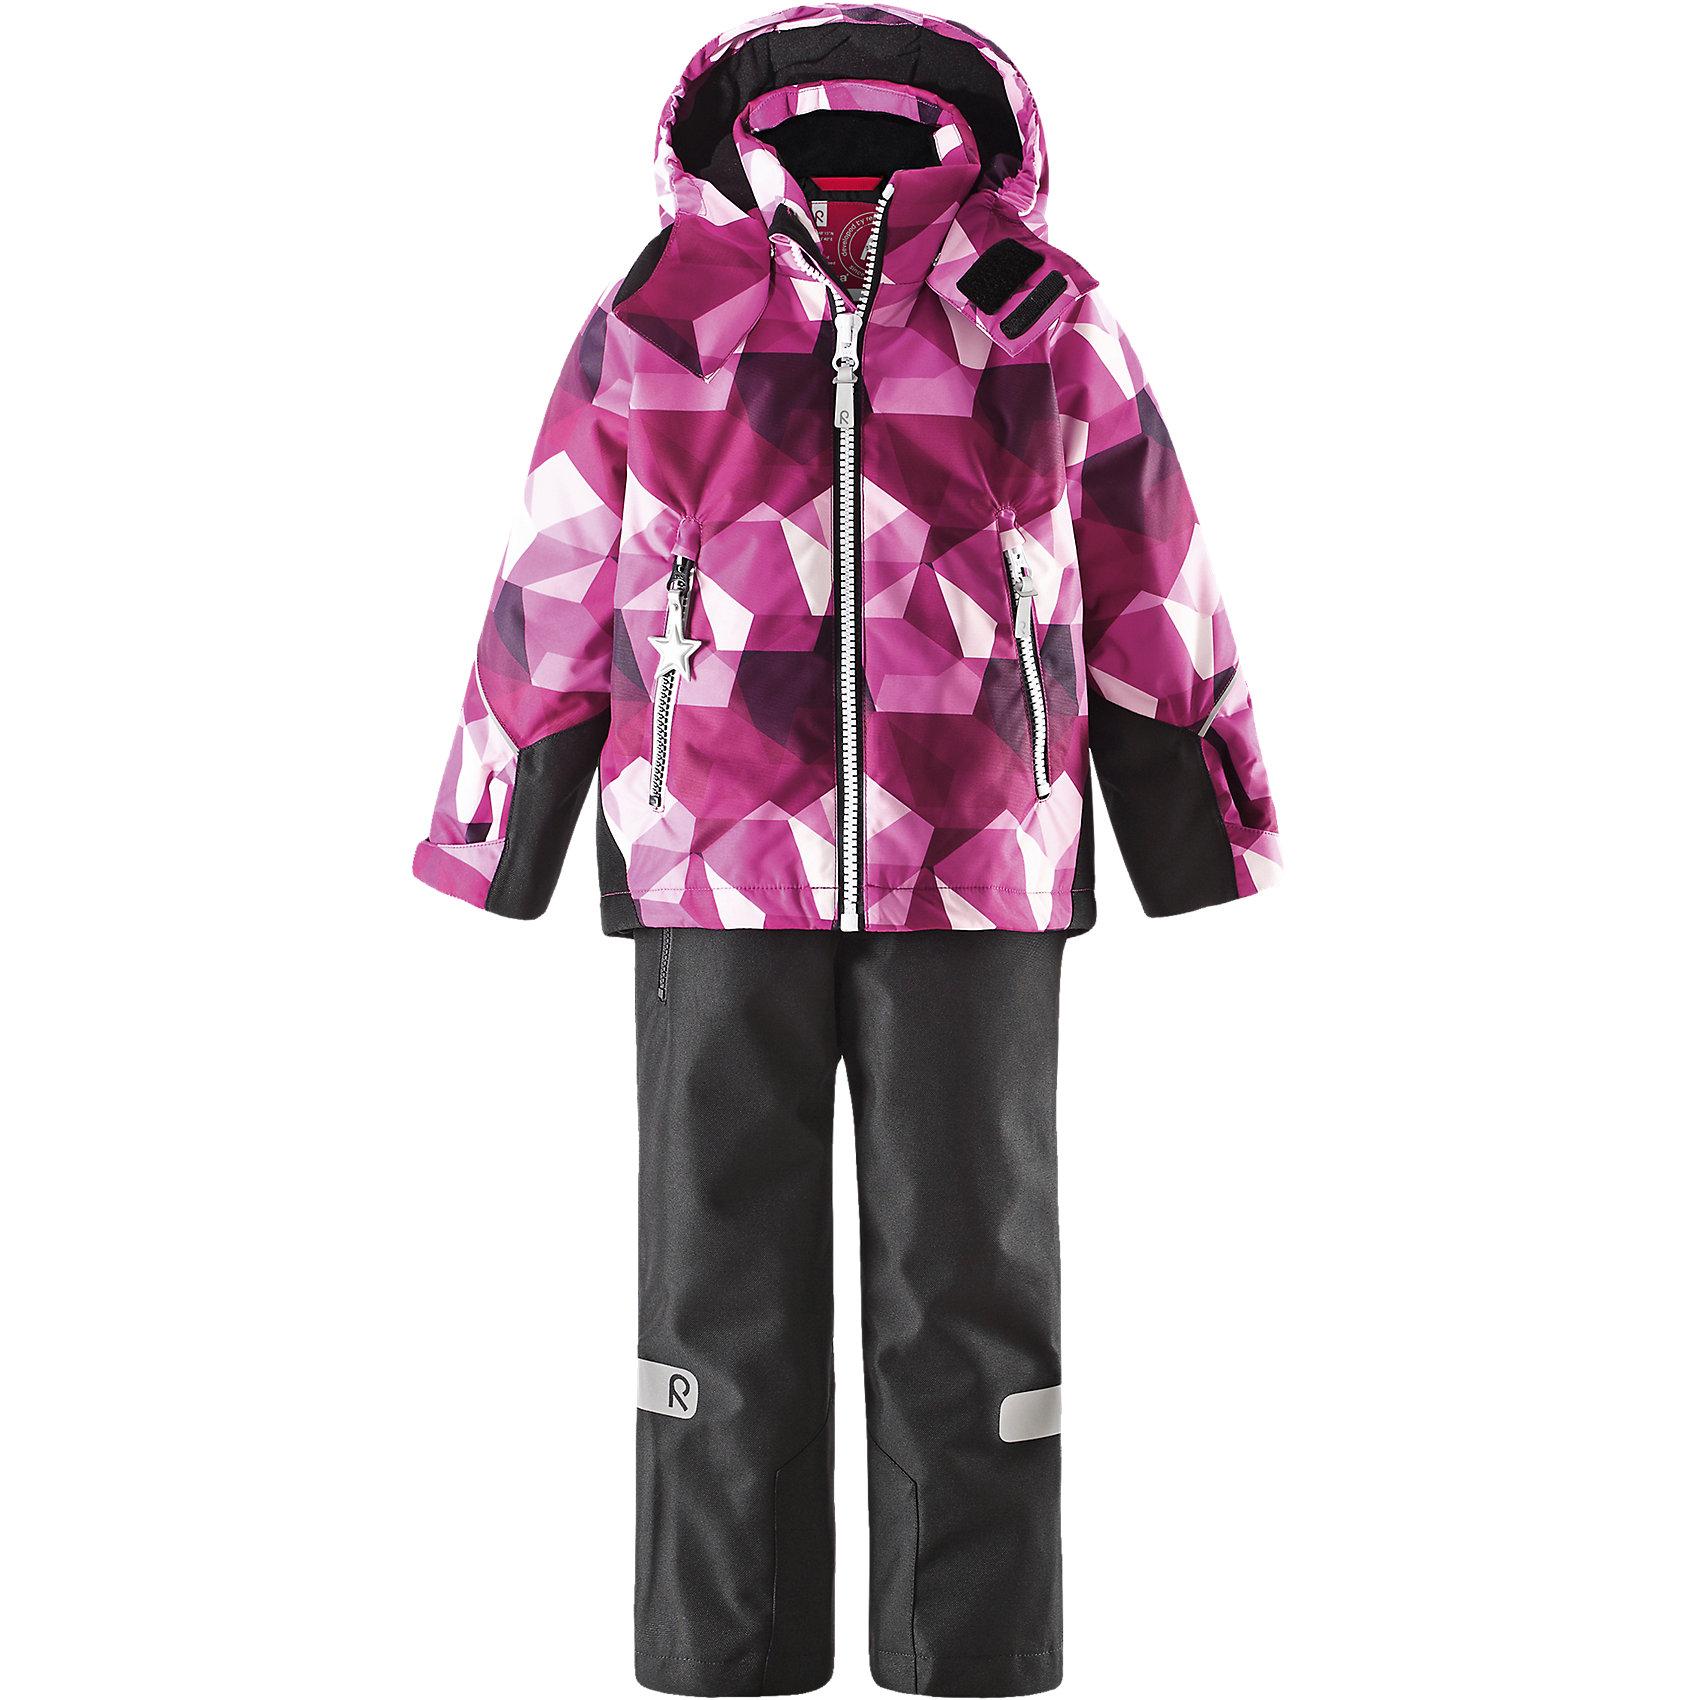 Комплект: куртка и брюки для девочки ReimaОдежда<br>Комплект: куртка и брюки для девочки от финской марки Reima.<br>*Детская водонепроницаемая зимняя куртка Kiddo <br>*Основные швы проклеены, водонепроницаемы<br>*Безопасный съемный капюшон<br>*Прочные усиленные вставки на подоле сзади и манжетах <br>* Два кармана на молнии<br>*Регулируемый подол и манжеты<br>*Множество светоотражающих элементов<br>*Утеплитель: куртка 160 грамм, брюки 120 грамм (100% полиэстер)<br>* Детские водонепроницаемые зимние брюки Kiddo® <br>* Все швы проклеены, водонепроницаемы<br>* Прочный материал<br>* Съемные регулируемые подтяжки<br>* Удлиненная нижняя часть сзади<br>* Ширинка на молнии<br>* Один карман на молнии<br>* Регулируемая ширина отворотов <br>* Отвороты на кнопке задерживают снег<br>Состав:<br>100% Полиэстер, Полиуретан-покрытие<br><br><br>Комплект: куртка и брюки для девочки Reima (Рейма) можно купить в нашем магазине.<br><br>Ширина мм: 356<br>Глубина мм: 10<br>Высота мм: 245<br>Вес г: 519<br>Цвет: розовый<br>Возраст от месяцев: 18<br>Возраст до месяцев: 24<br>Пол: Женский<br>Возраст: Детский<br>Размер: 110,92,116,134,98,104,140,128,122<br>SKU: 4193818